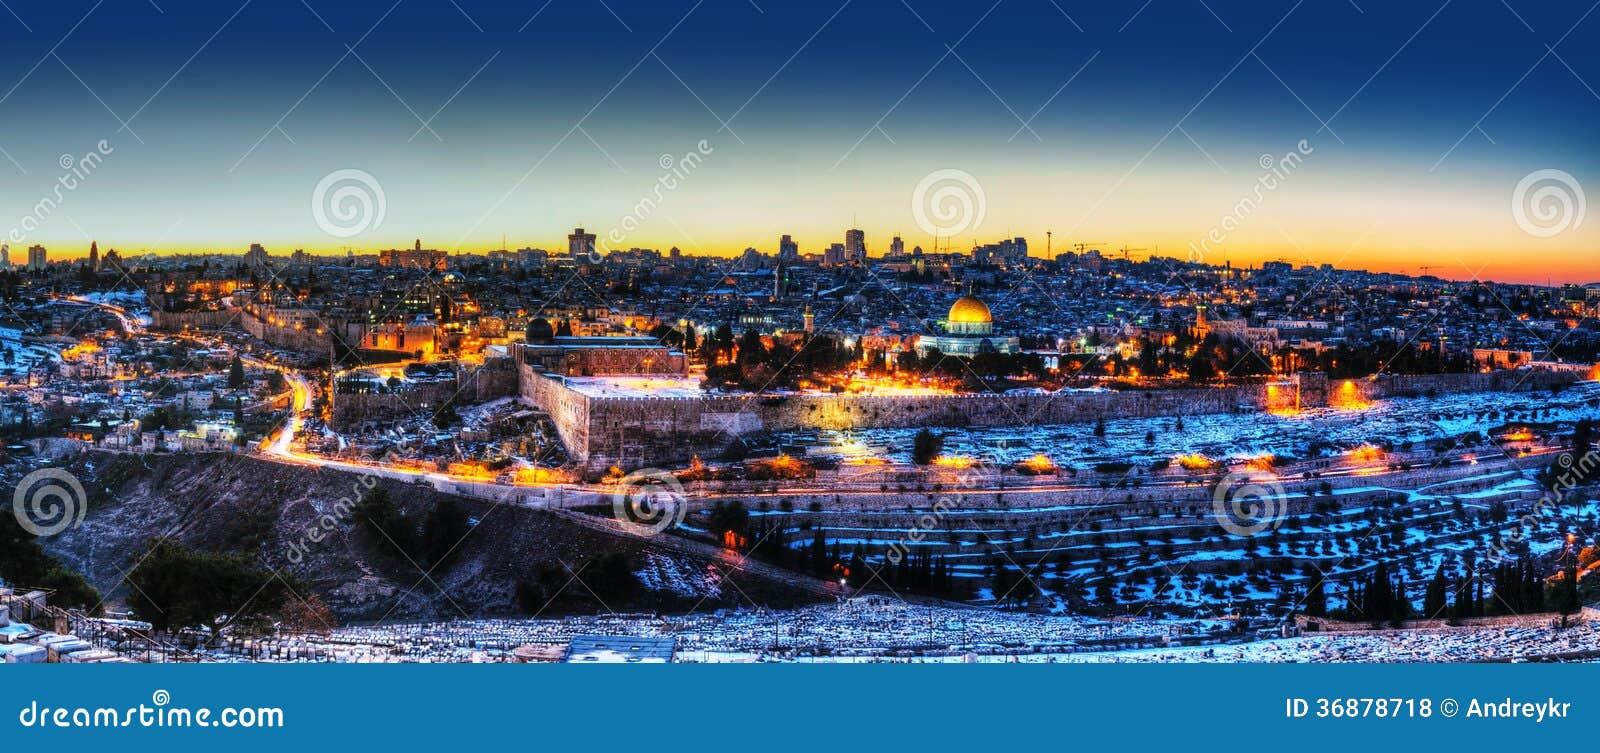 Download Vecchia Città A Gerusalemme, Panorama Di Israele Fotografia Stock - Immagine di religione, antico: 36878718